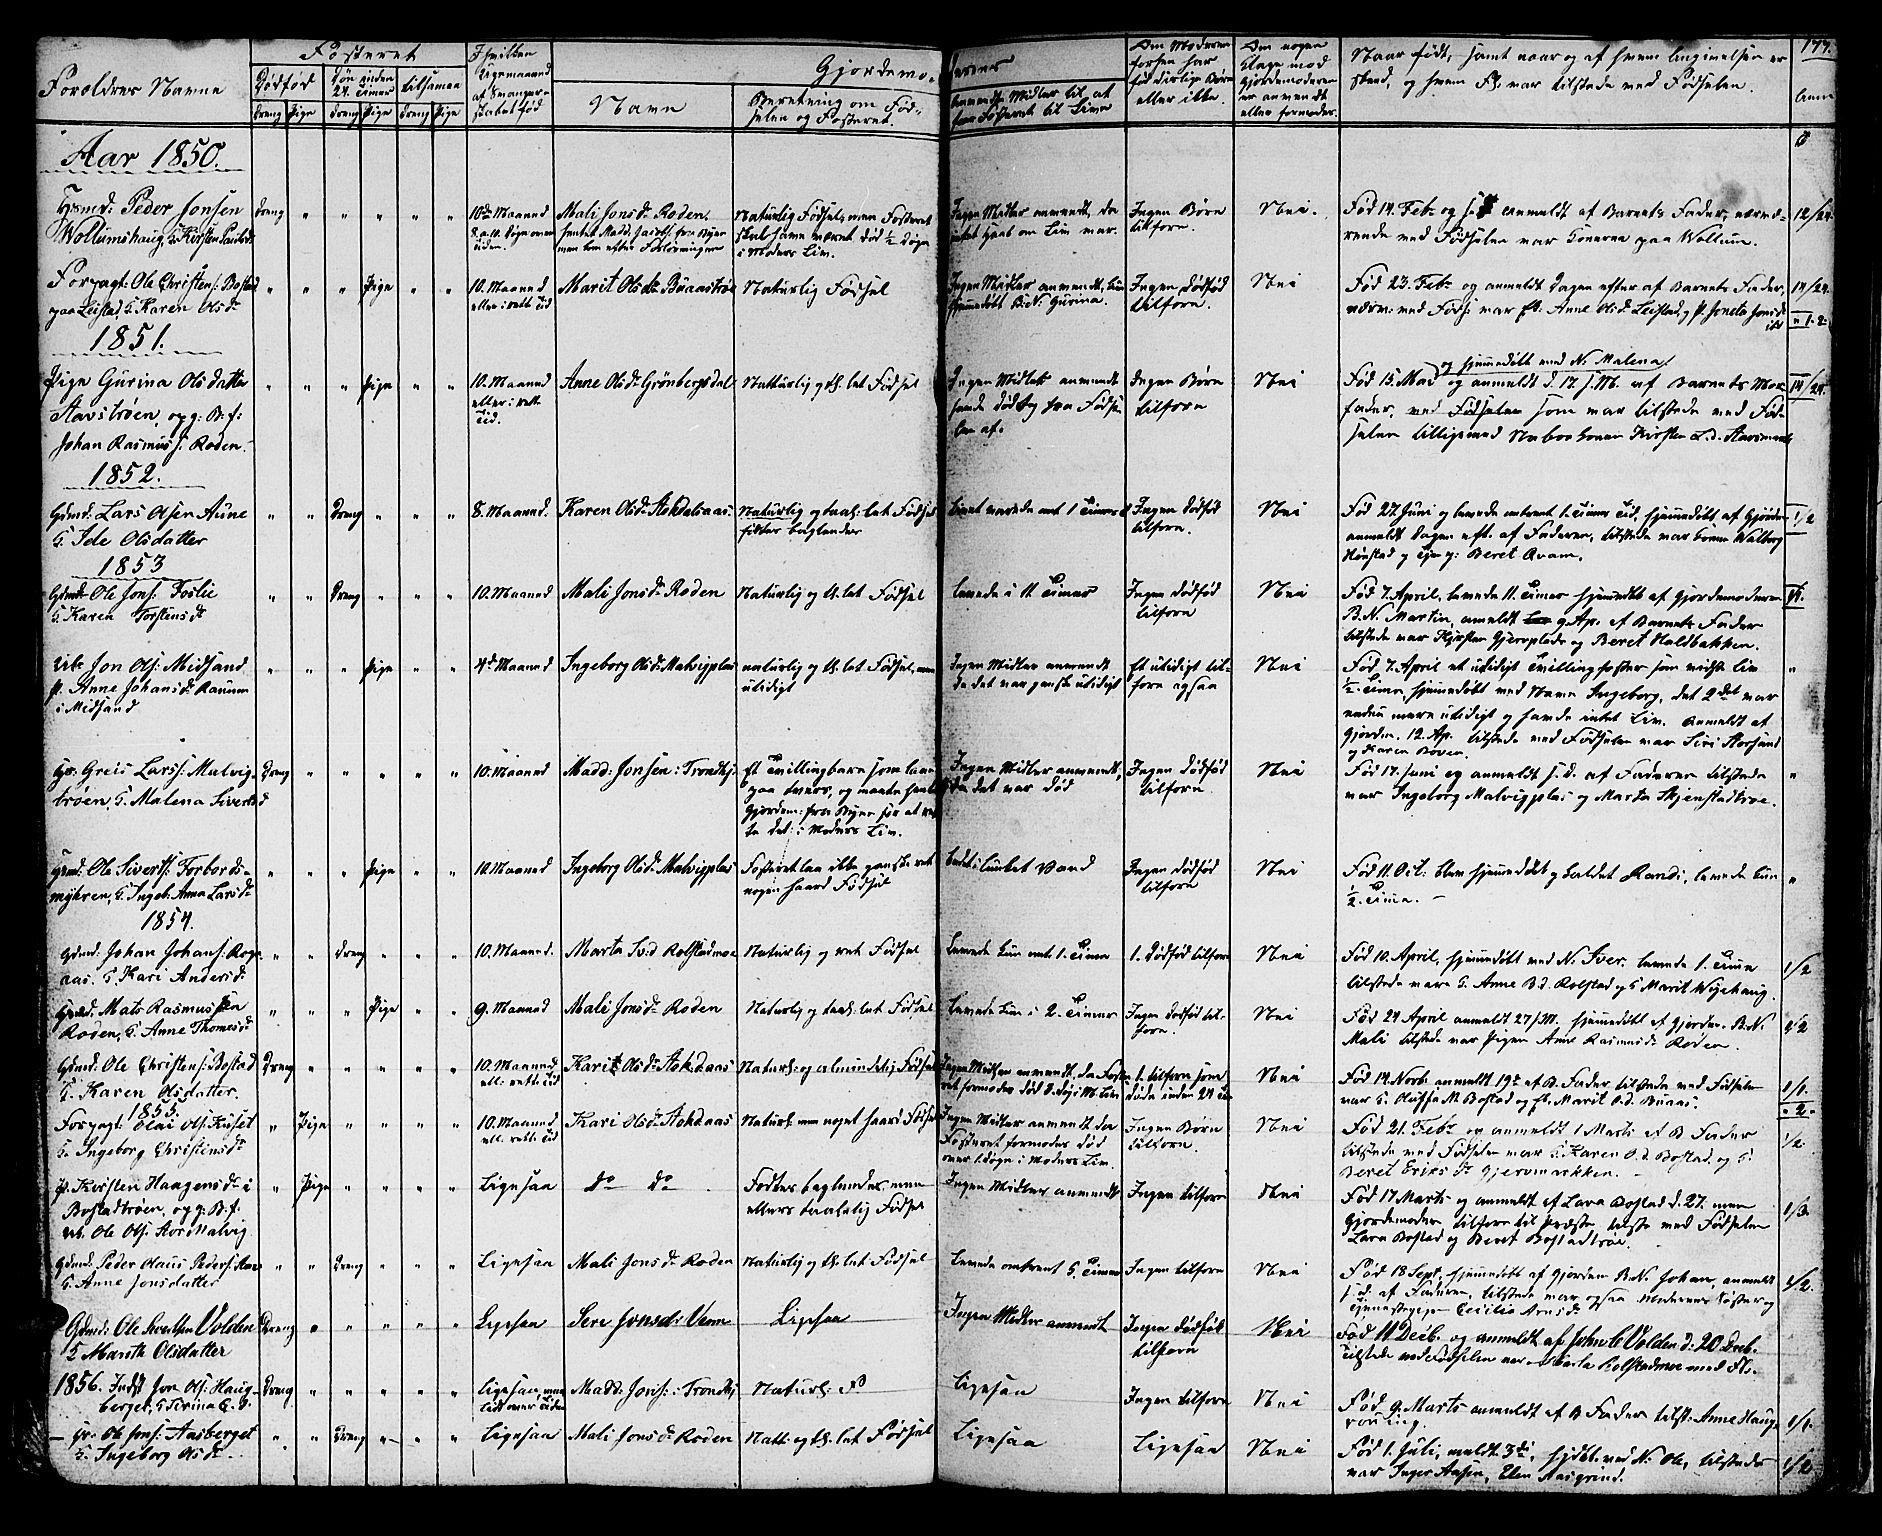 SAT, Ministerialprotokoller, klokkerbøker og fødselsregistre - Sør-Trøndelag, 616/L0422: Klokkerbok nr. 616C05, 1850-1888, s. 177